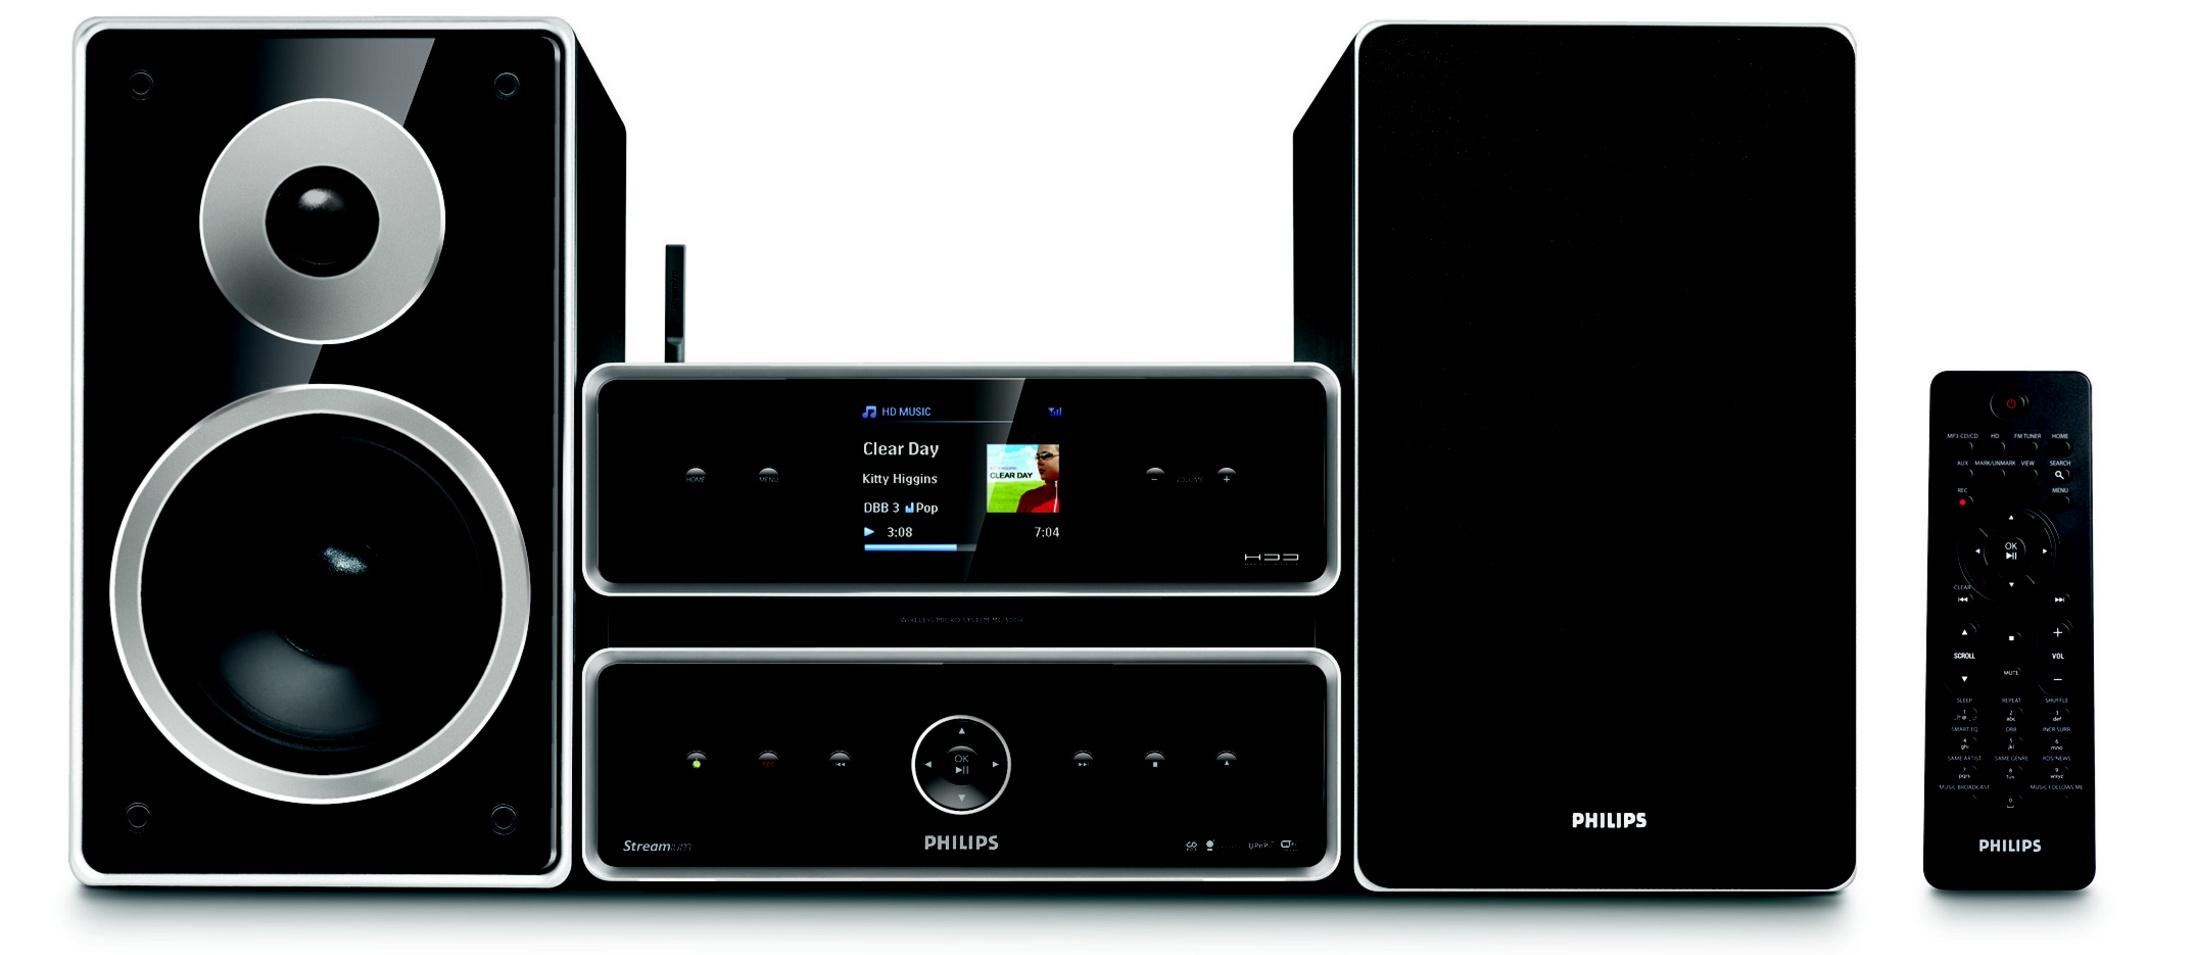 Philips clce 2009 audio giovy s blog - Impianto hi fi casa consigli ...